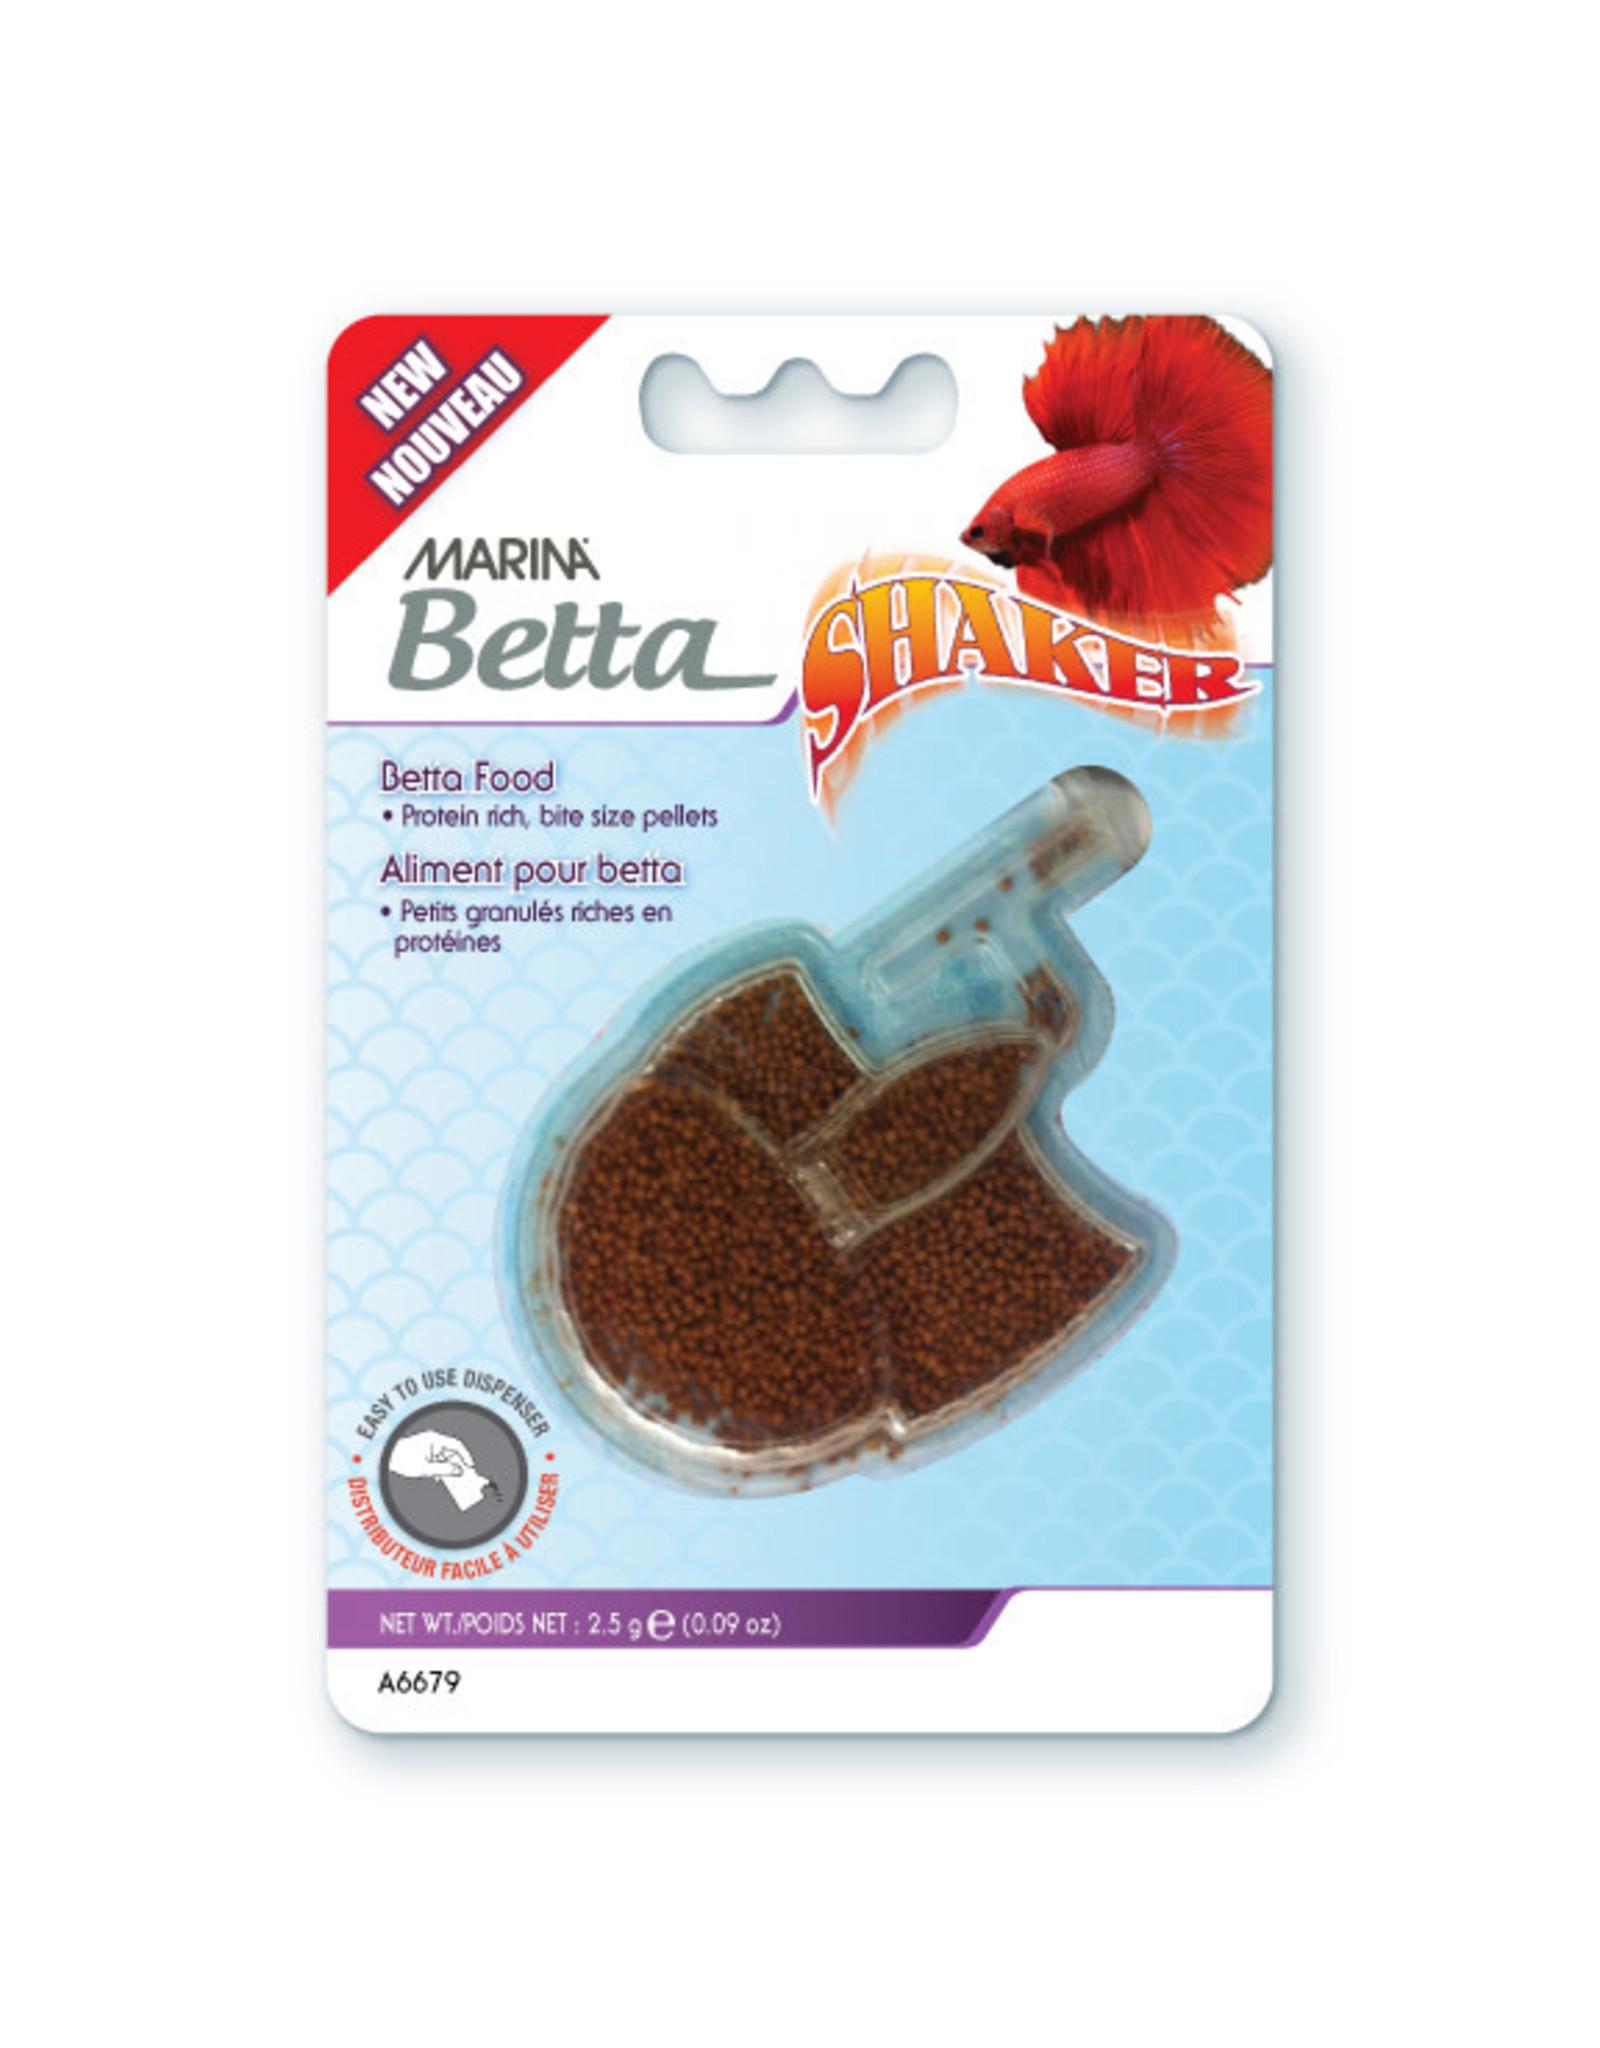 Marina Marina Betta Shaker Pellets - 2.5 g (0.09 oz)